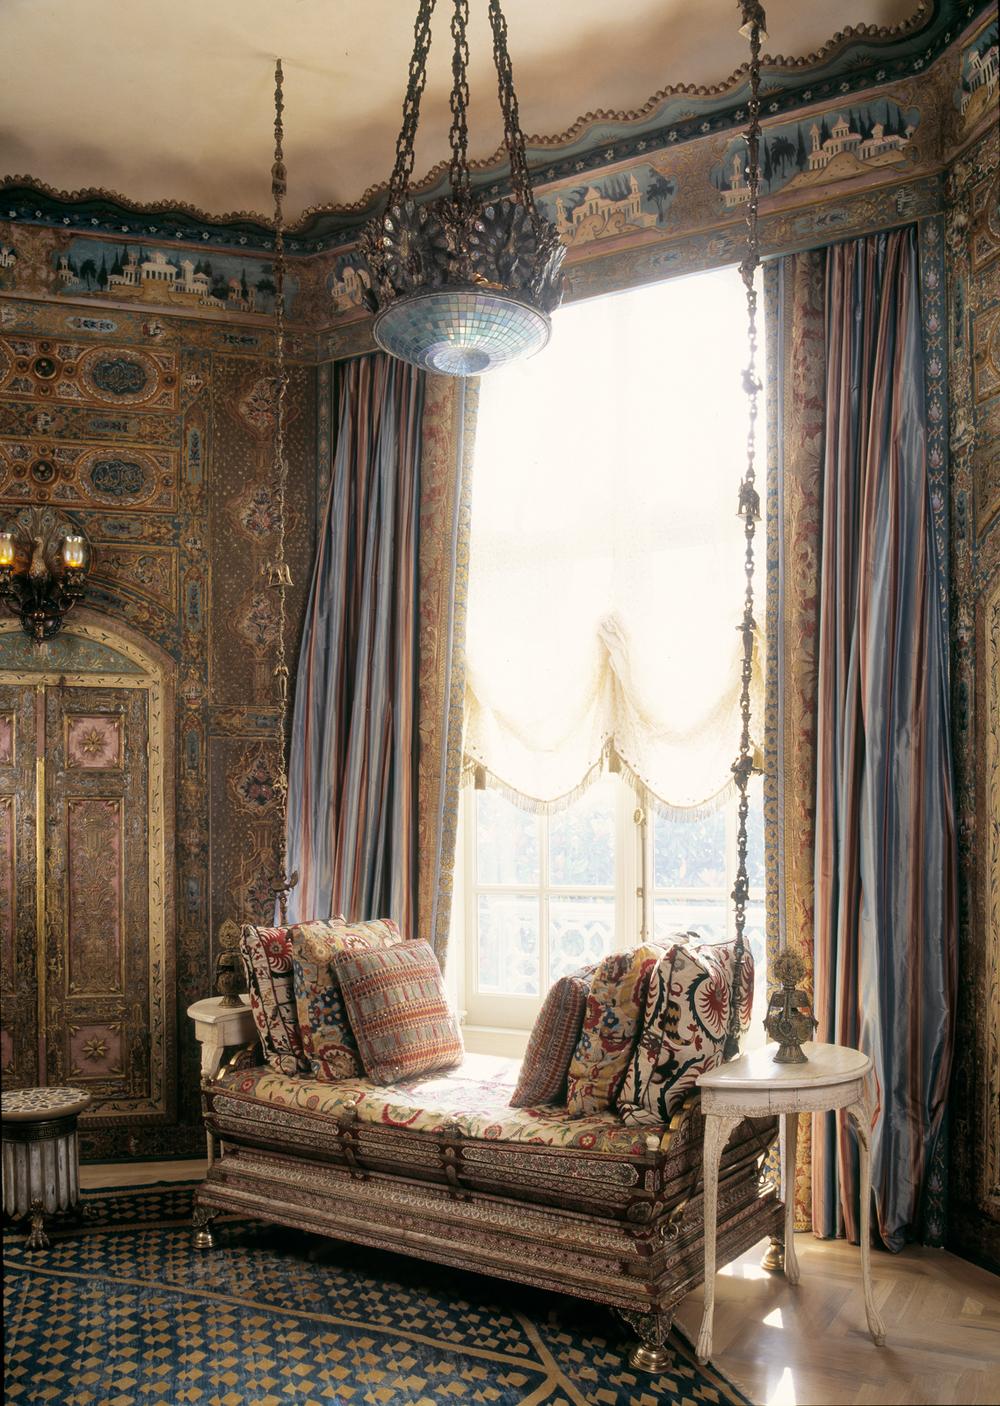 Turkish Room 253.jpg